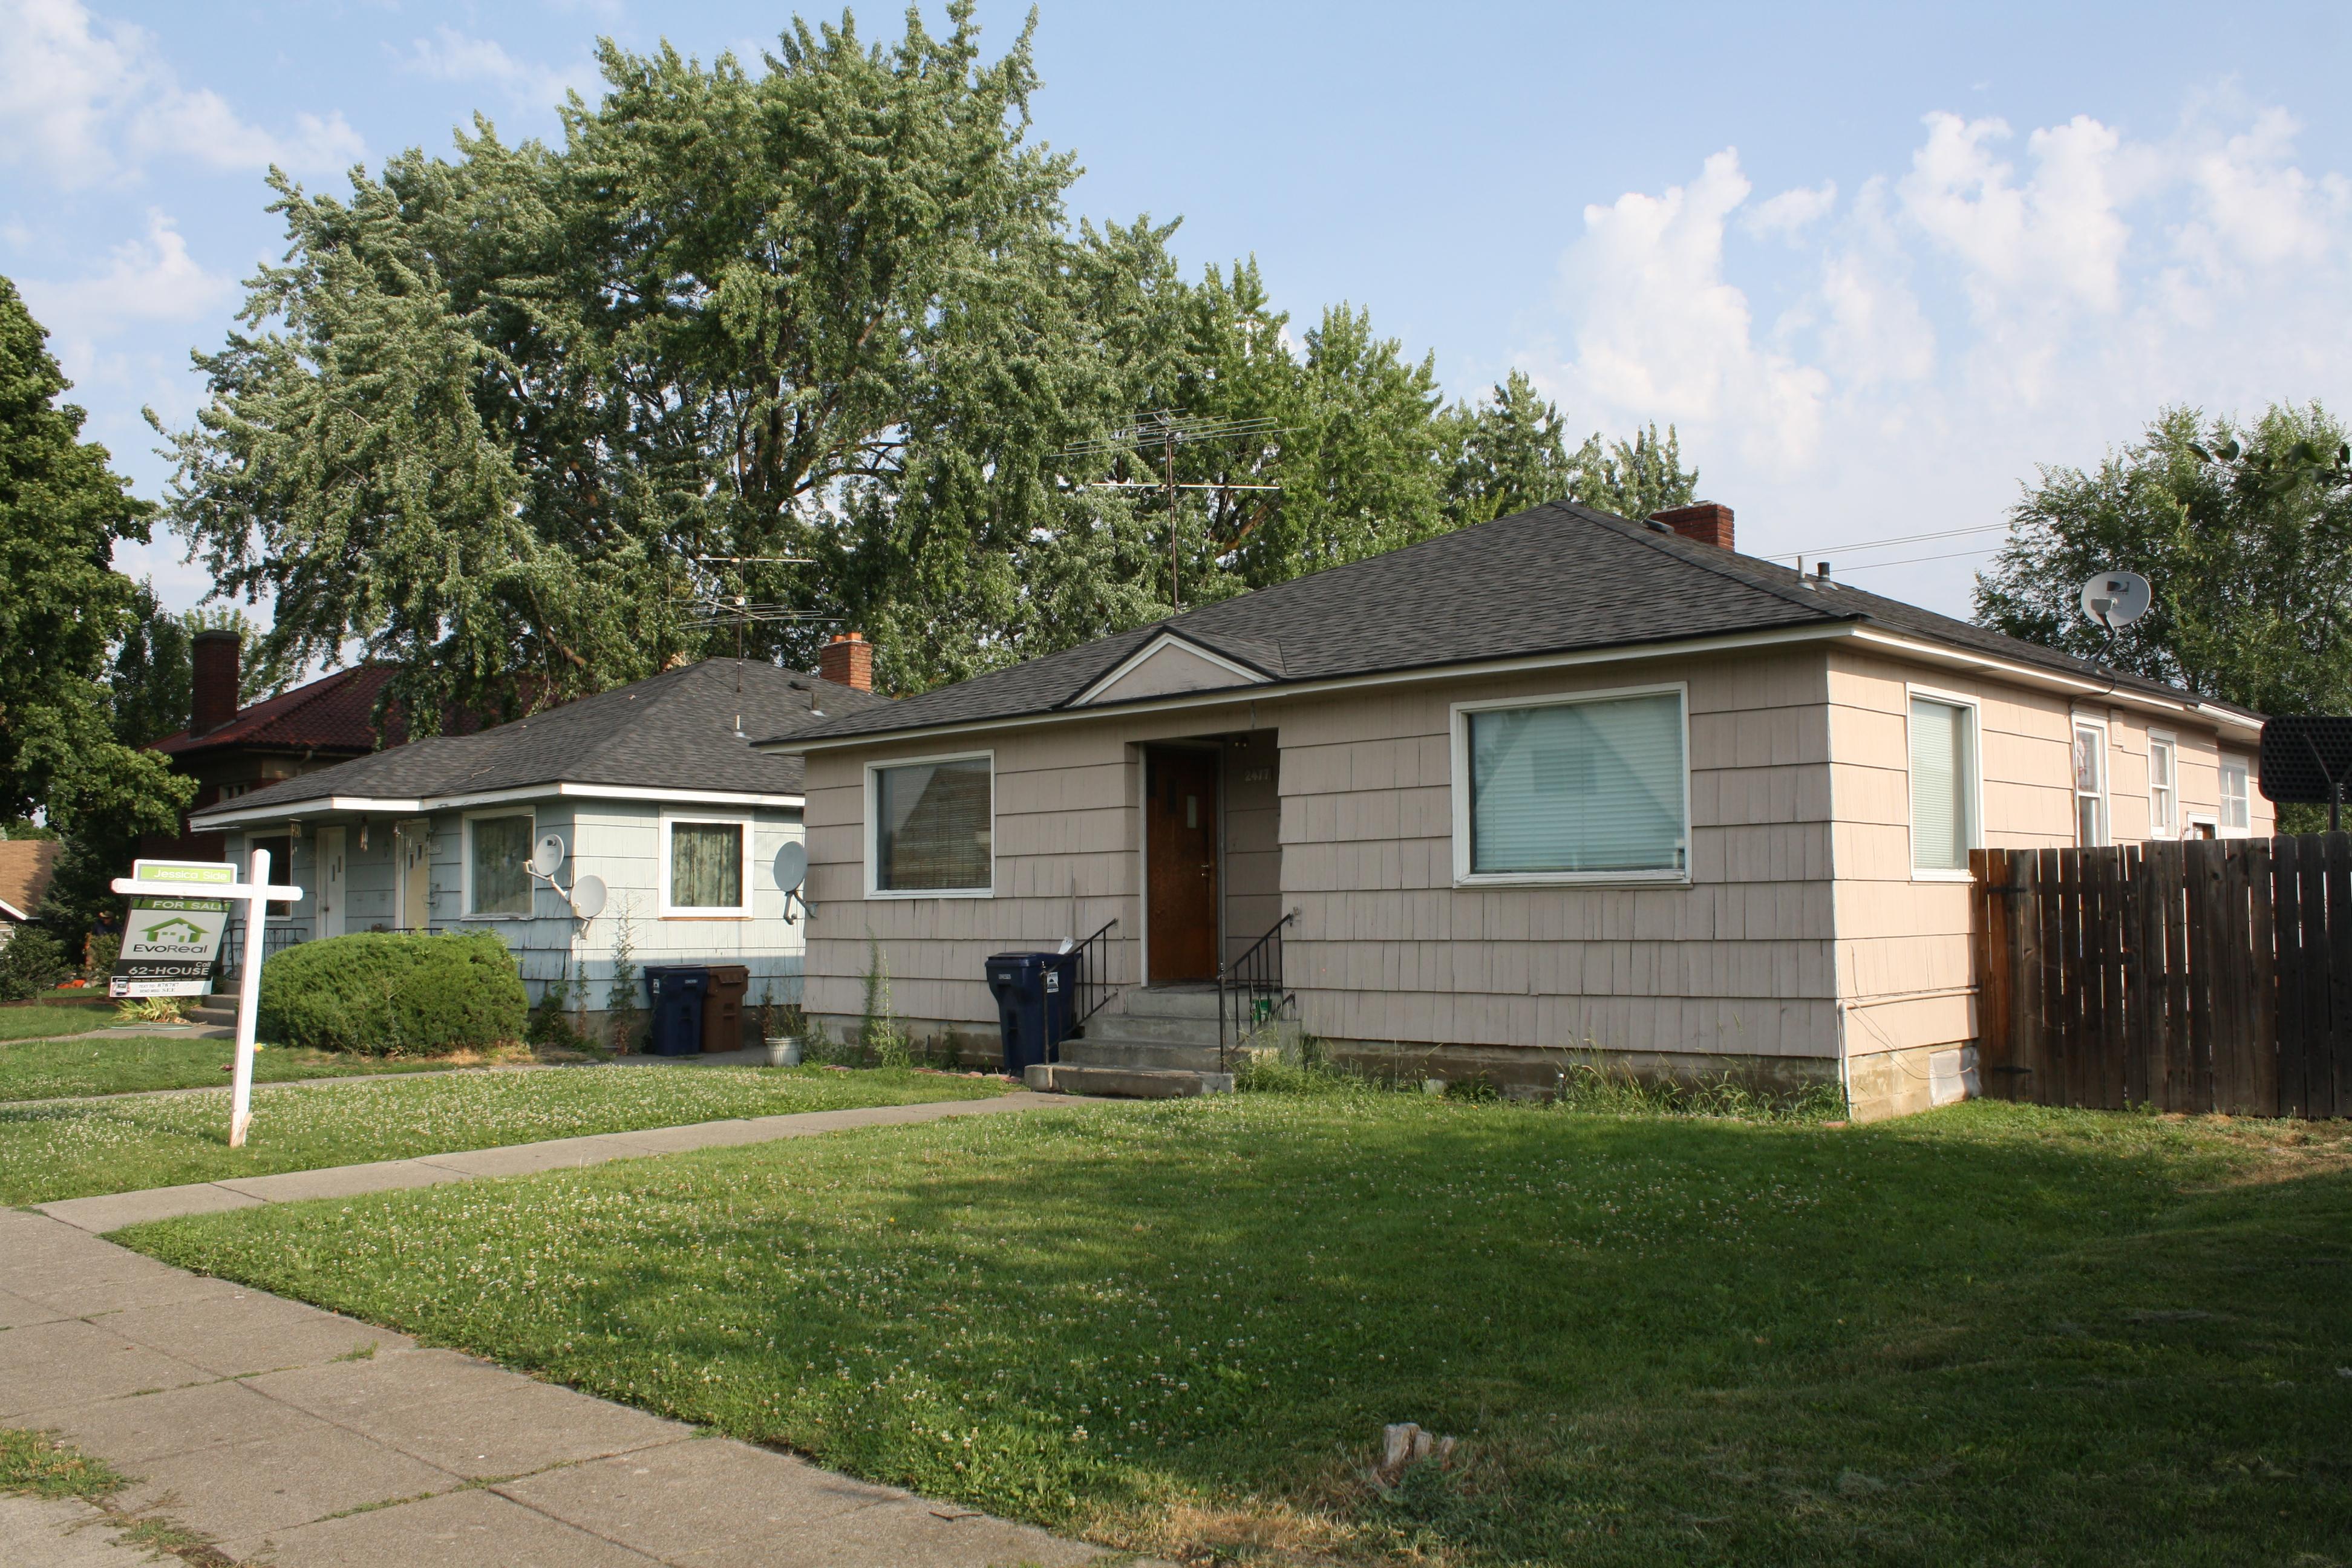 2417 E 1st Ave Spokane WA